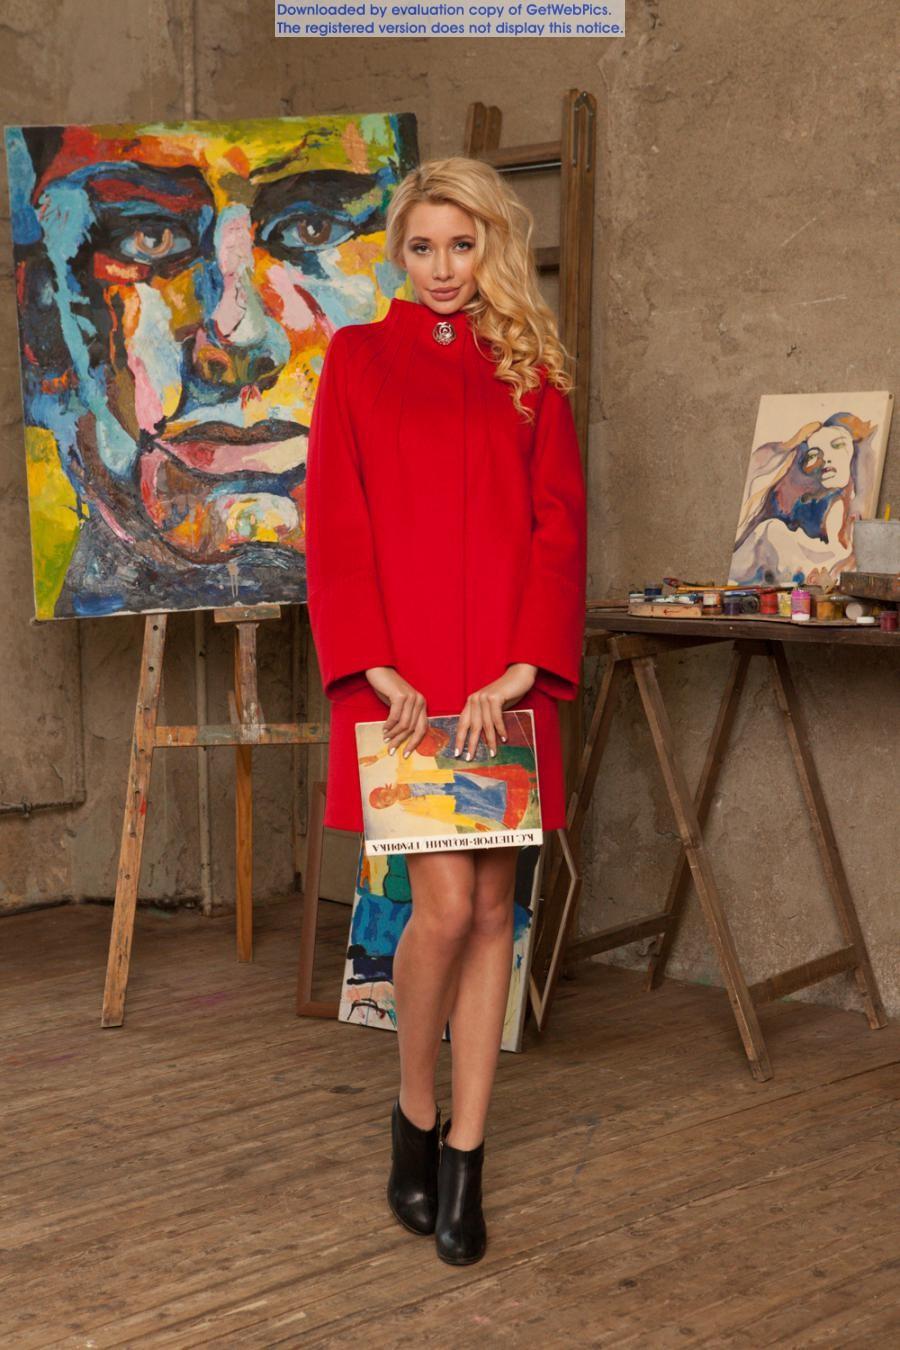 Пиар. Лучшее модное пальто Декка(Dekka)! Натуральная шерсть! Распродажа 50-70% Зимы и Весны 38-56 размера.Цены в 2 раза ниже магазинных. Много отзывов! Выкуп-8.